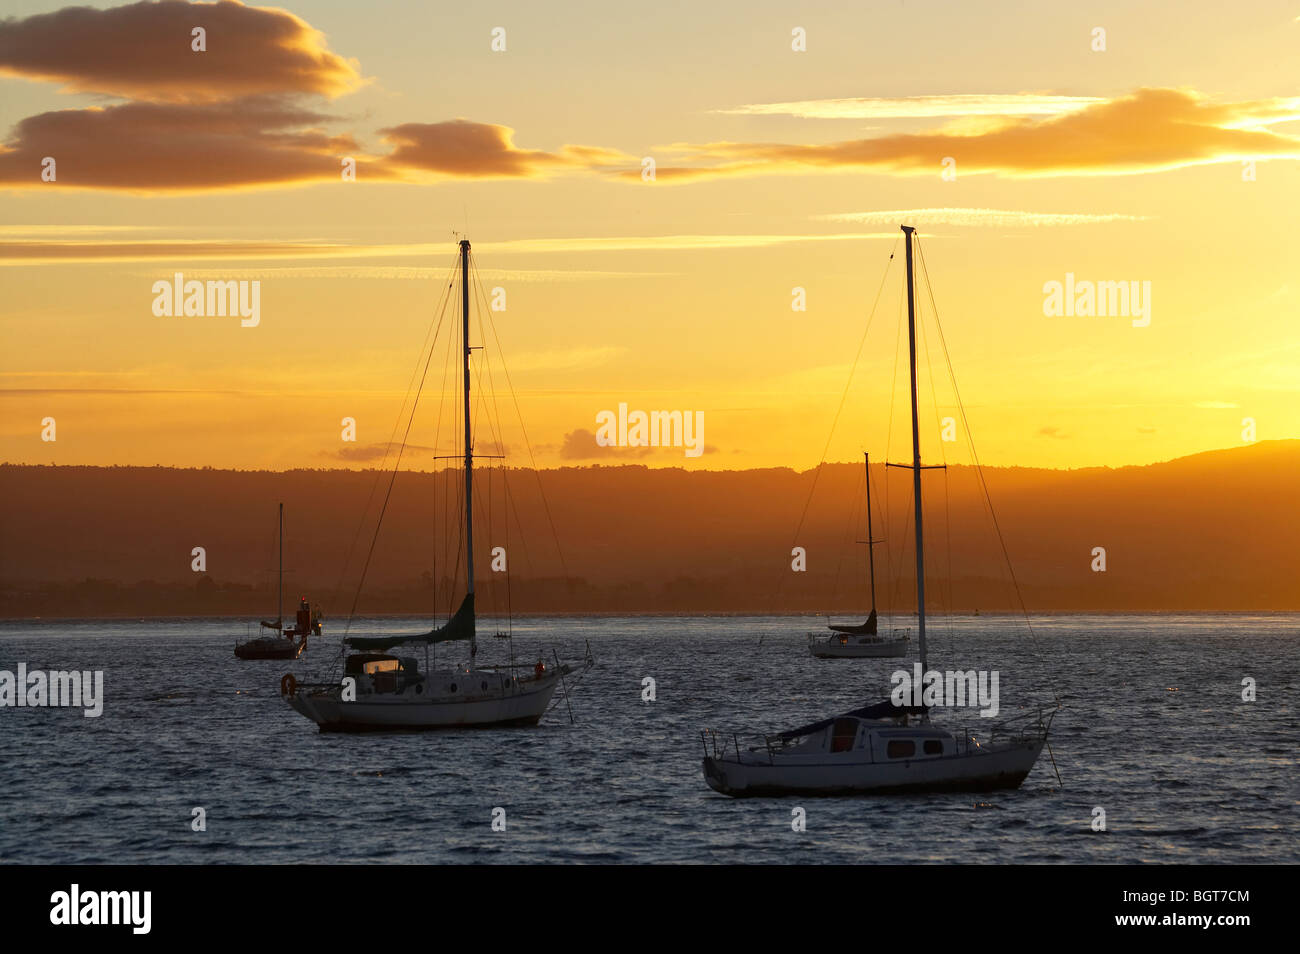 Yachts at Sunset, Tauranga Harbour, Mount Maunganui, Bay of Plenty, North Island, New Zealand Stock Photo